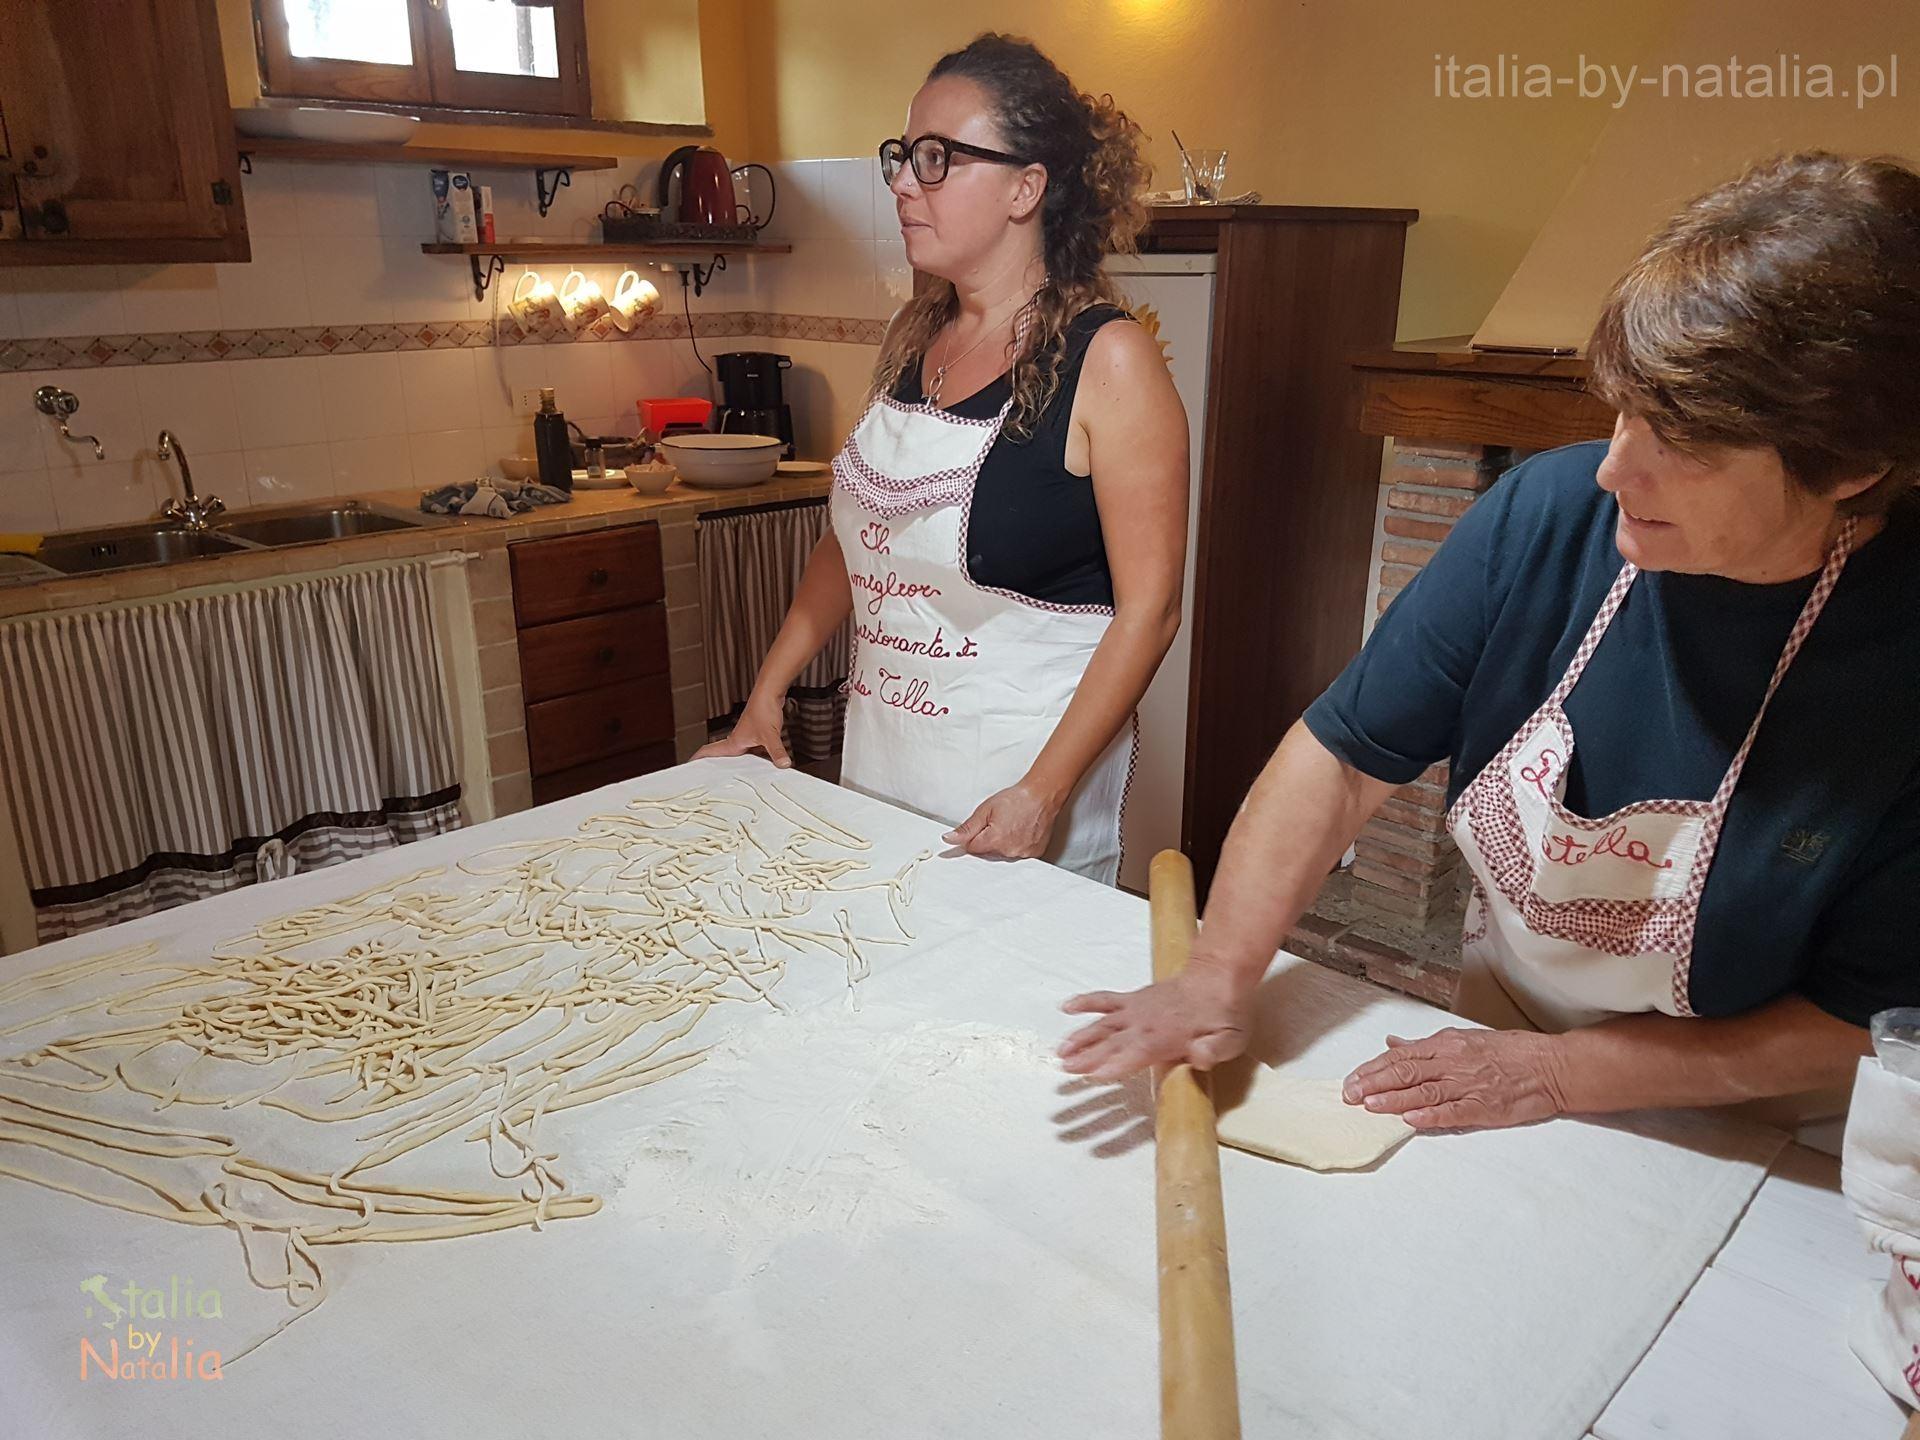 Warsztaty kulinarne pici szkola gotowania Toskania agroturystyka Podere di Santa Maria Chiusdino